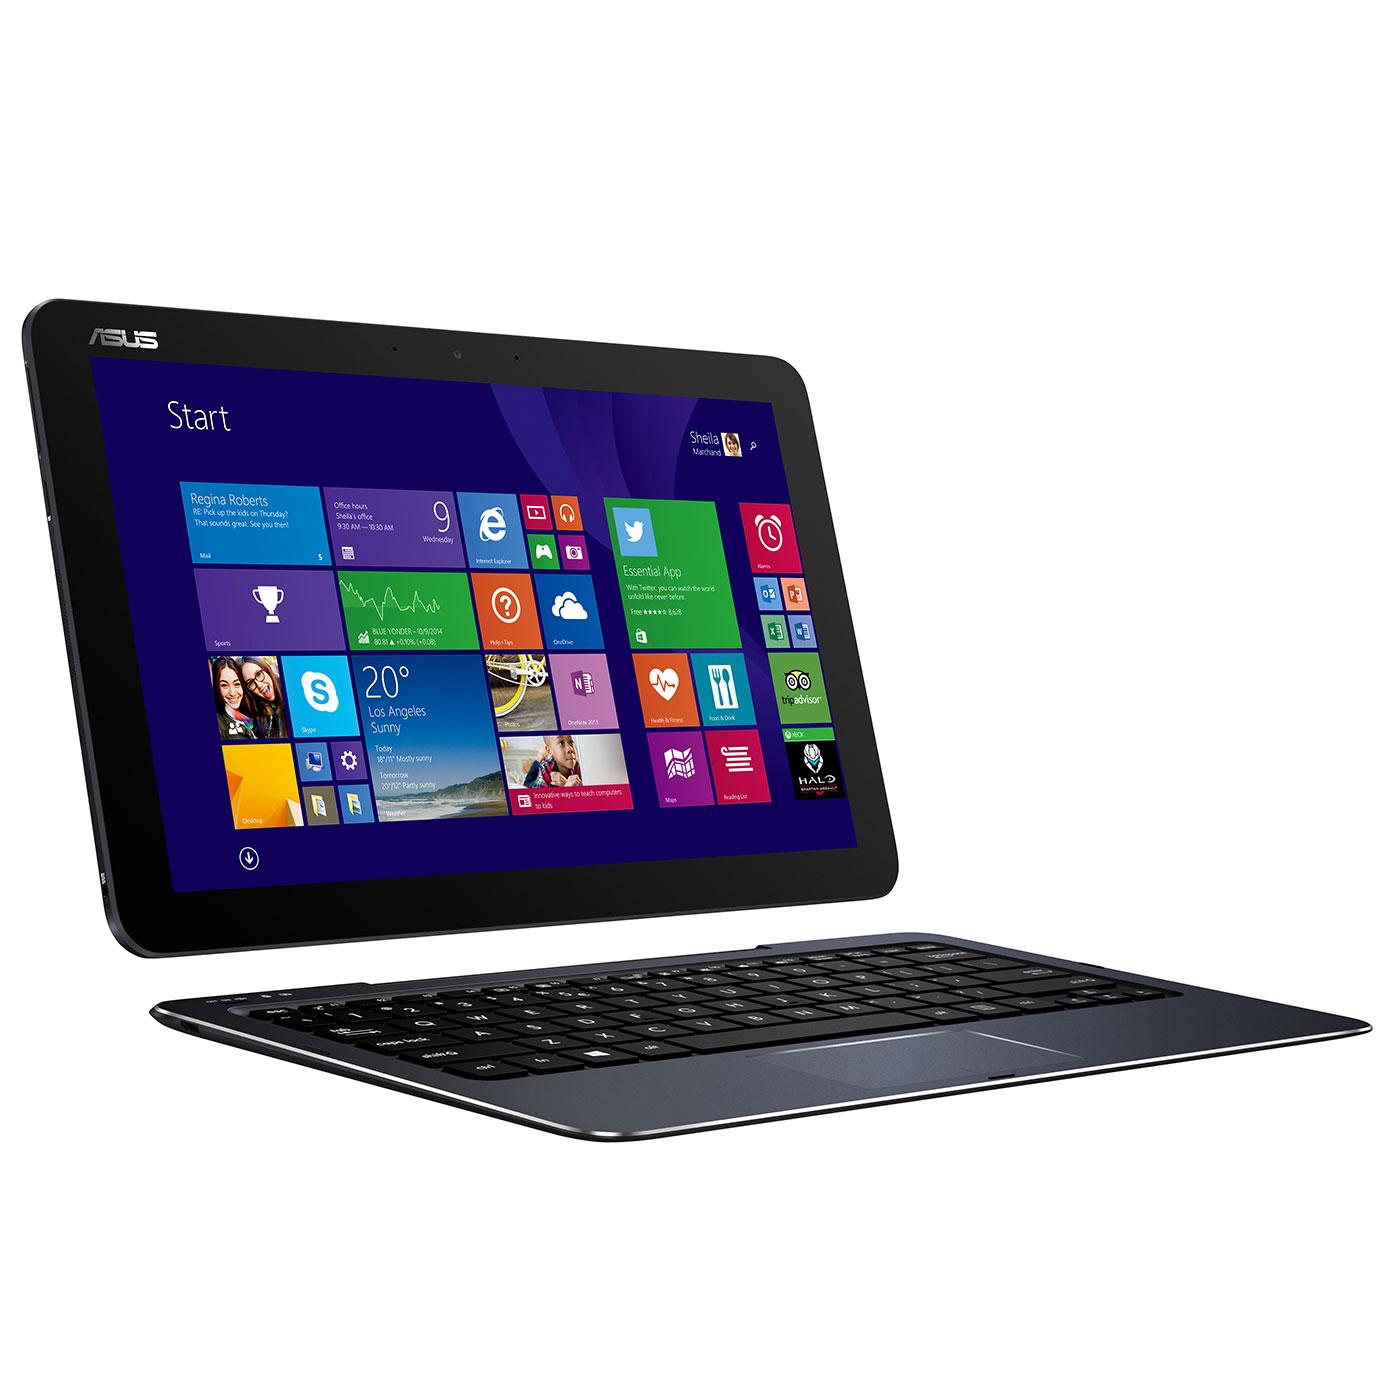 """PC portable ASUS Transformer Book T300 Chi-FH011P Intel Core M-5Y71 8 Go SSD 128 Go 12.5"""" LED QHD Tactile Wi-Fi N/Bluetooth Webcam Windows 8.1 Pro 64 bits (garantie constructeur 2 ans)"""